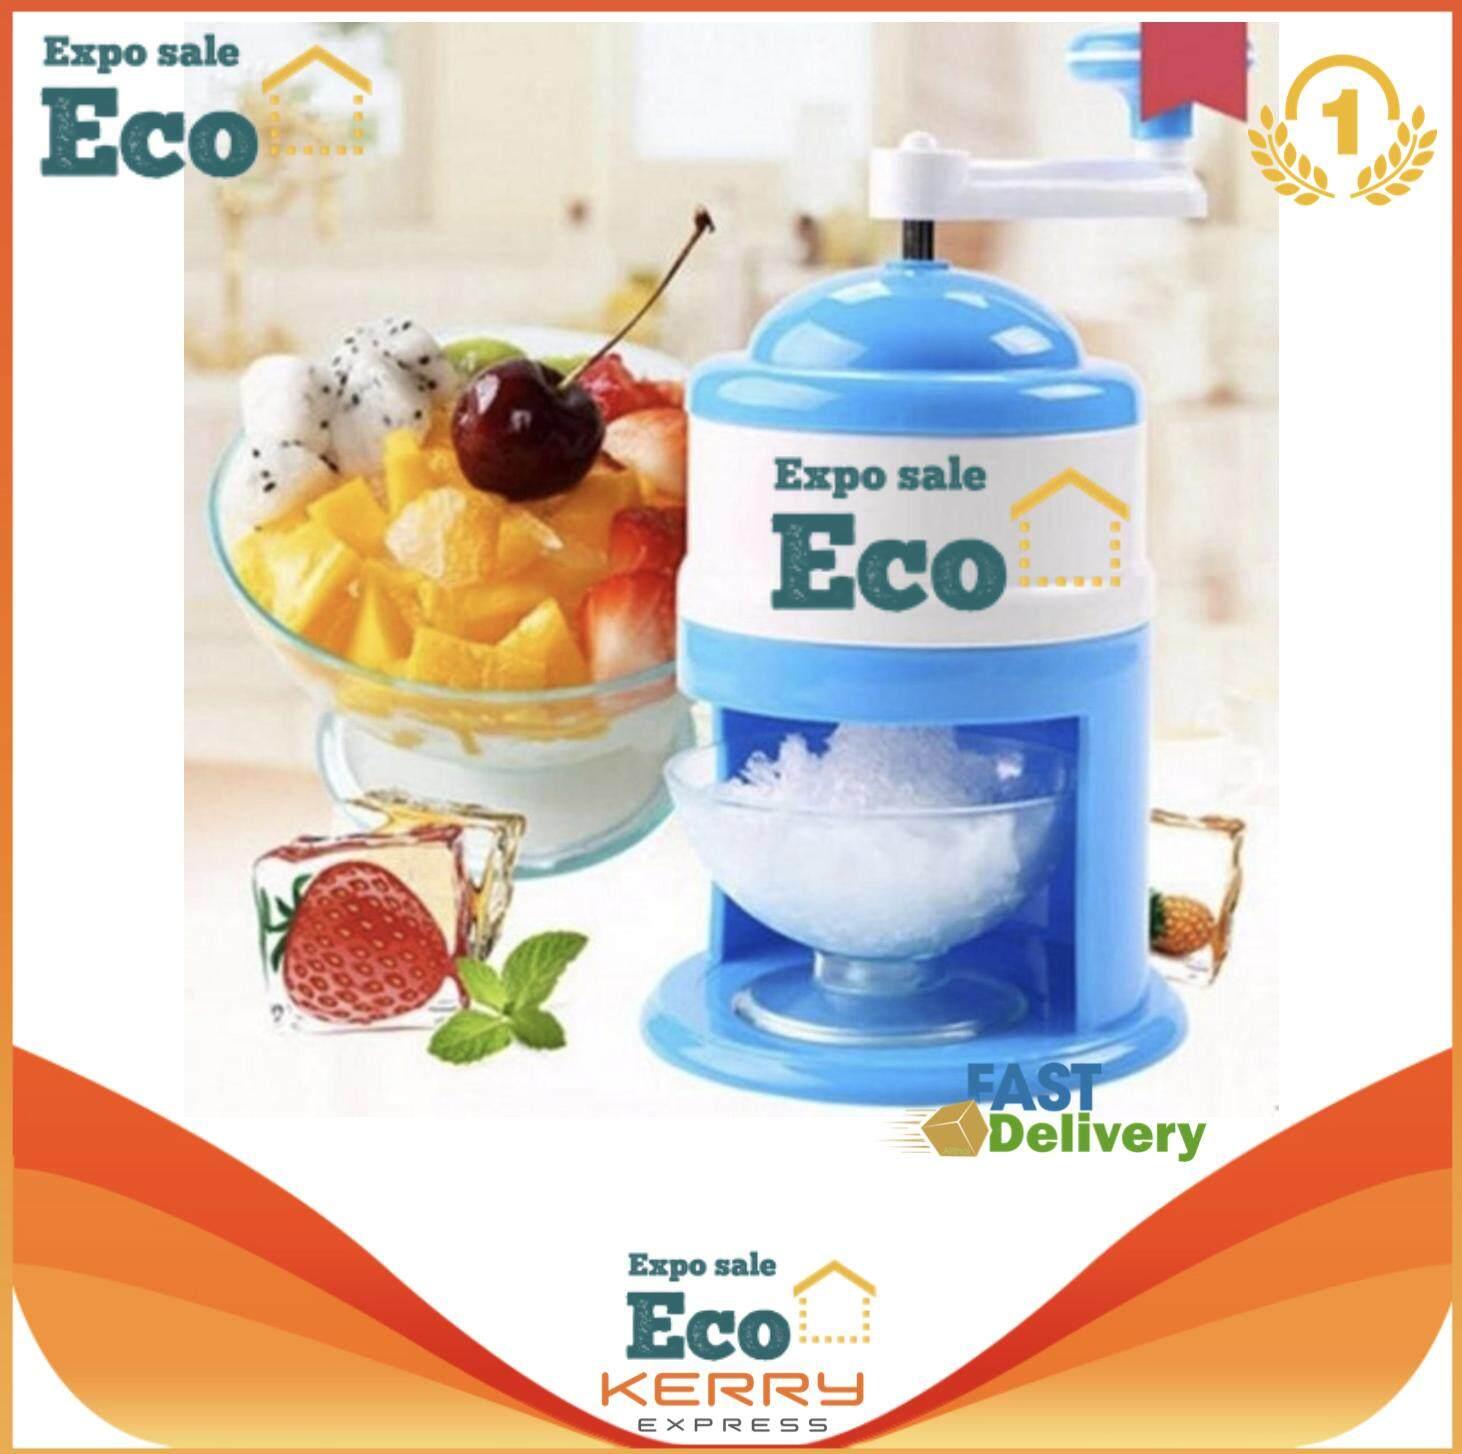 Eco Home เครื่องทำน้ำแข็งใสแบบมือหมุน